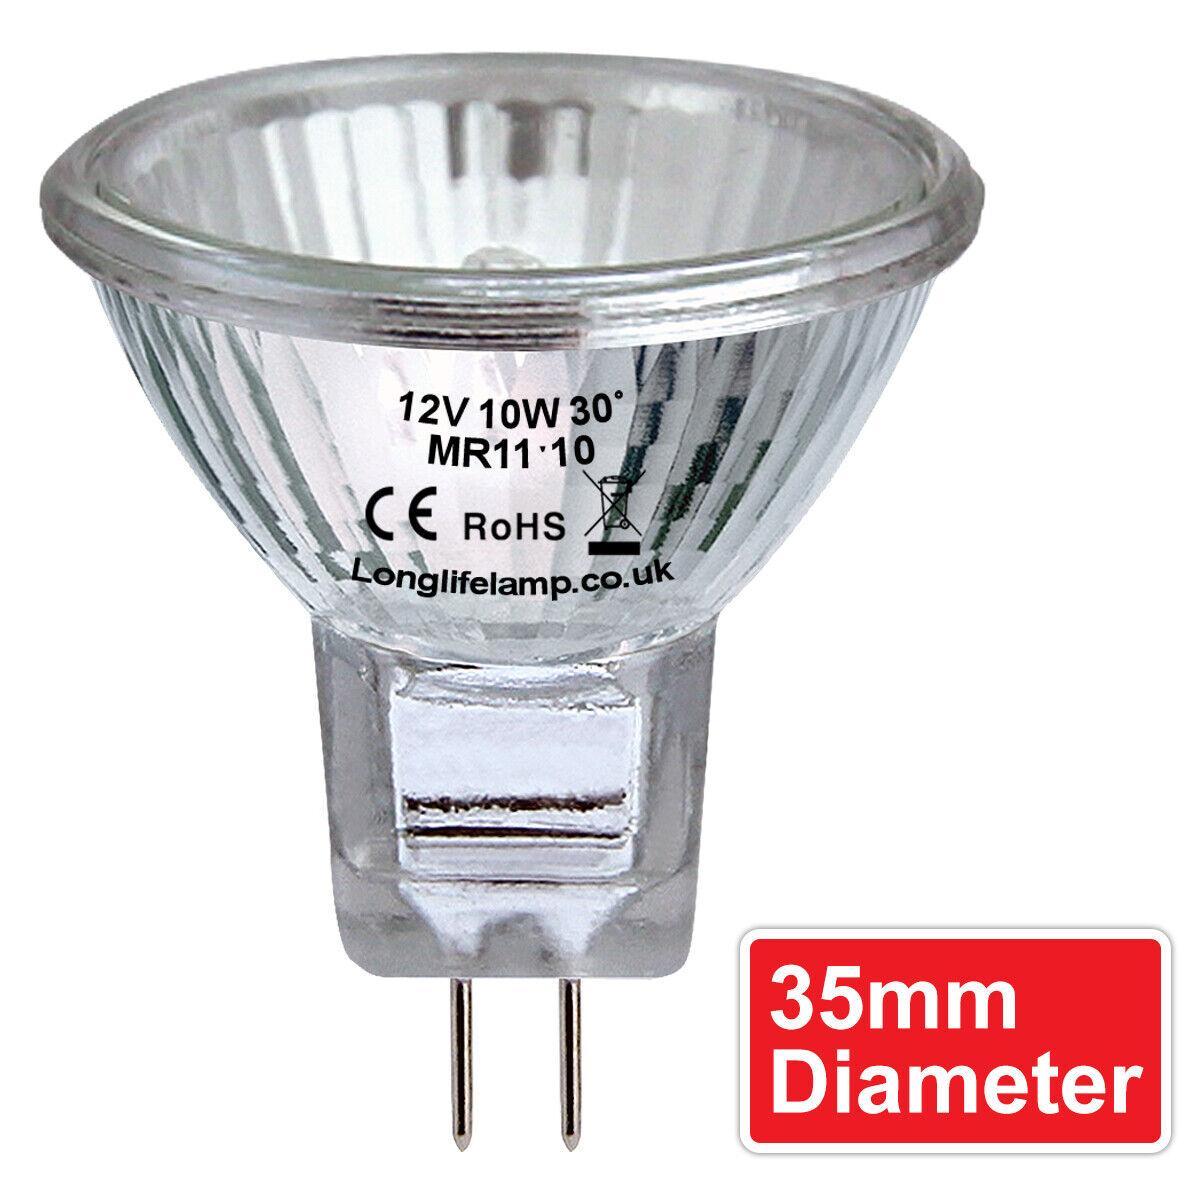 Fibre Optic MR16 12V 10W